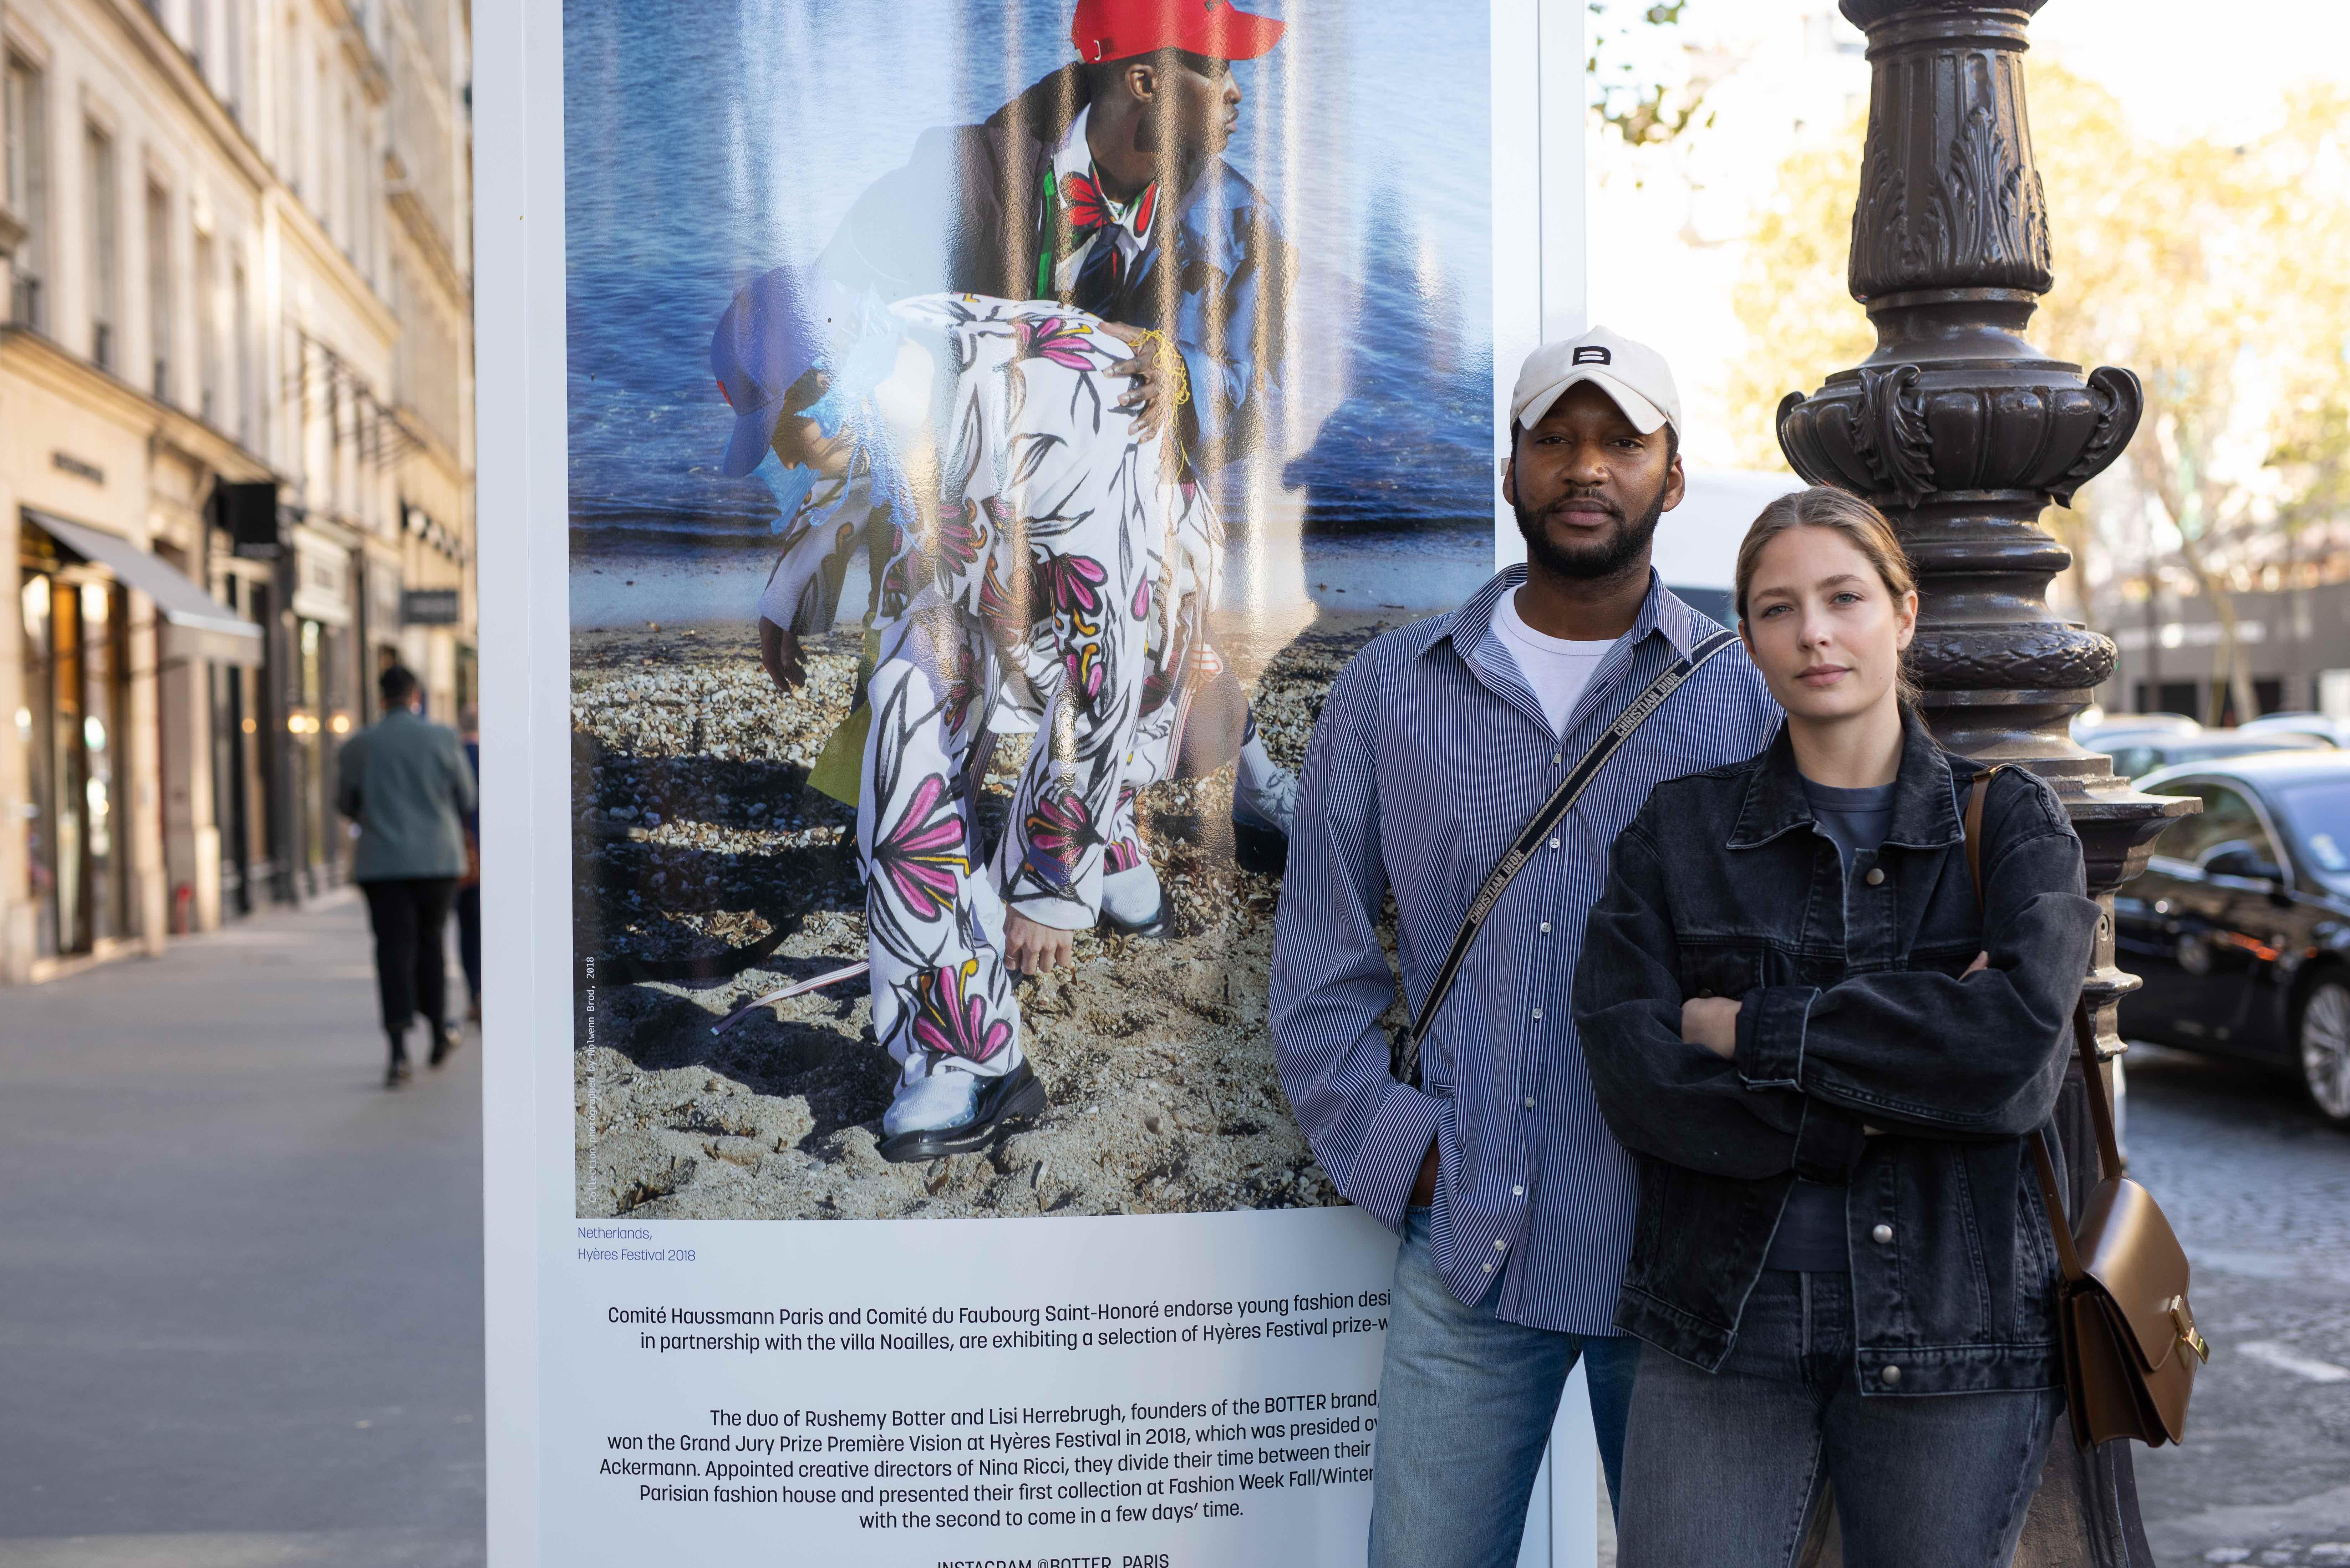 Rushemy Botter and Lisi Herrebrugh